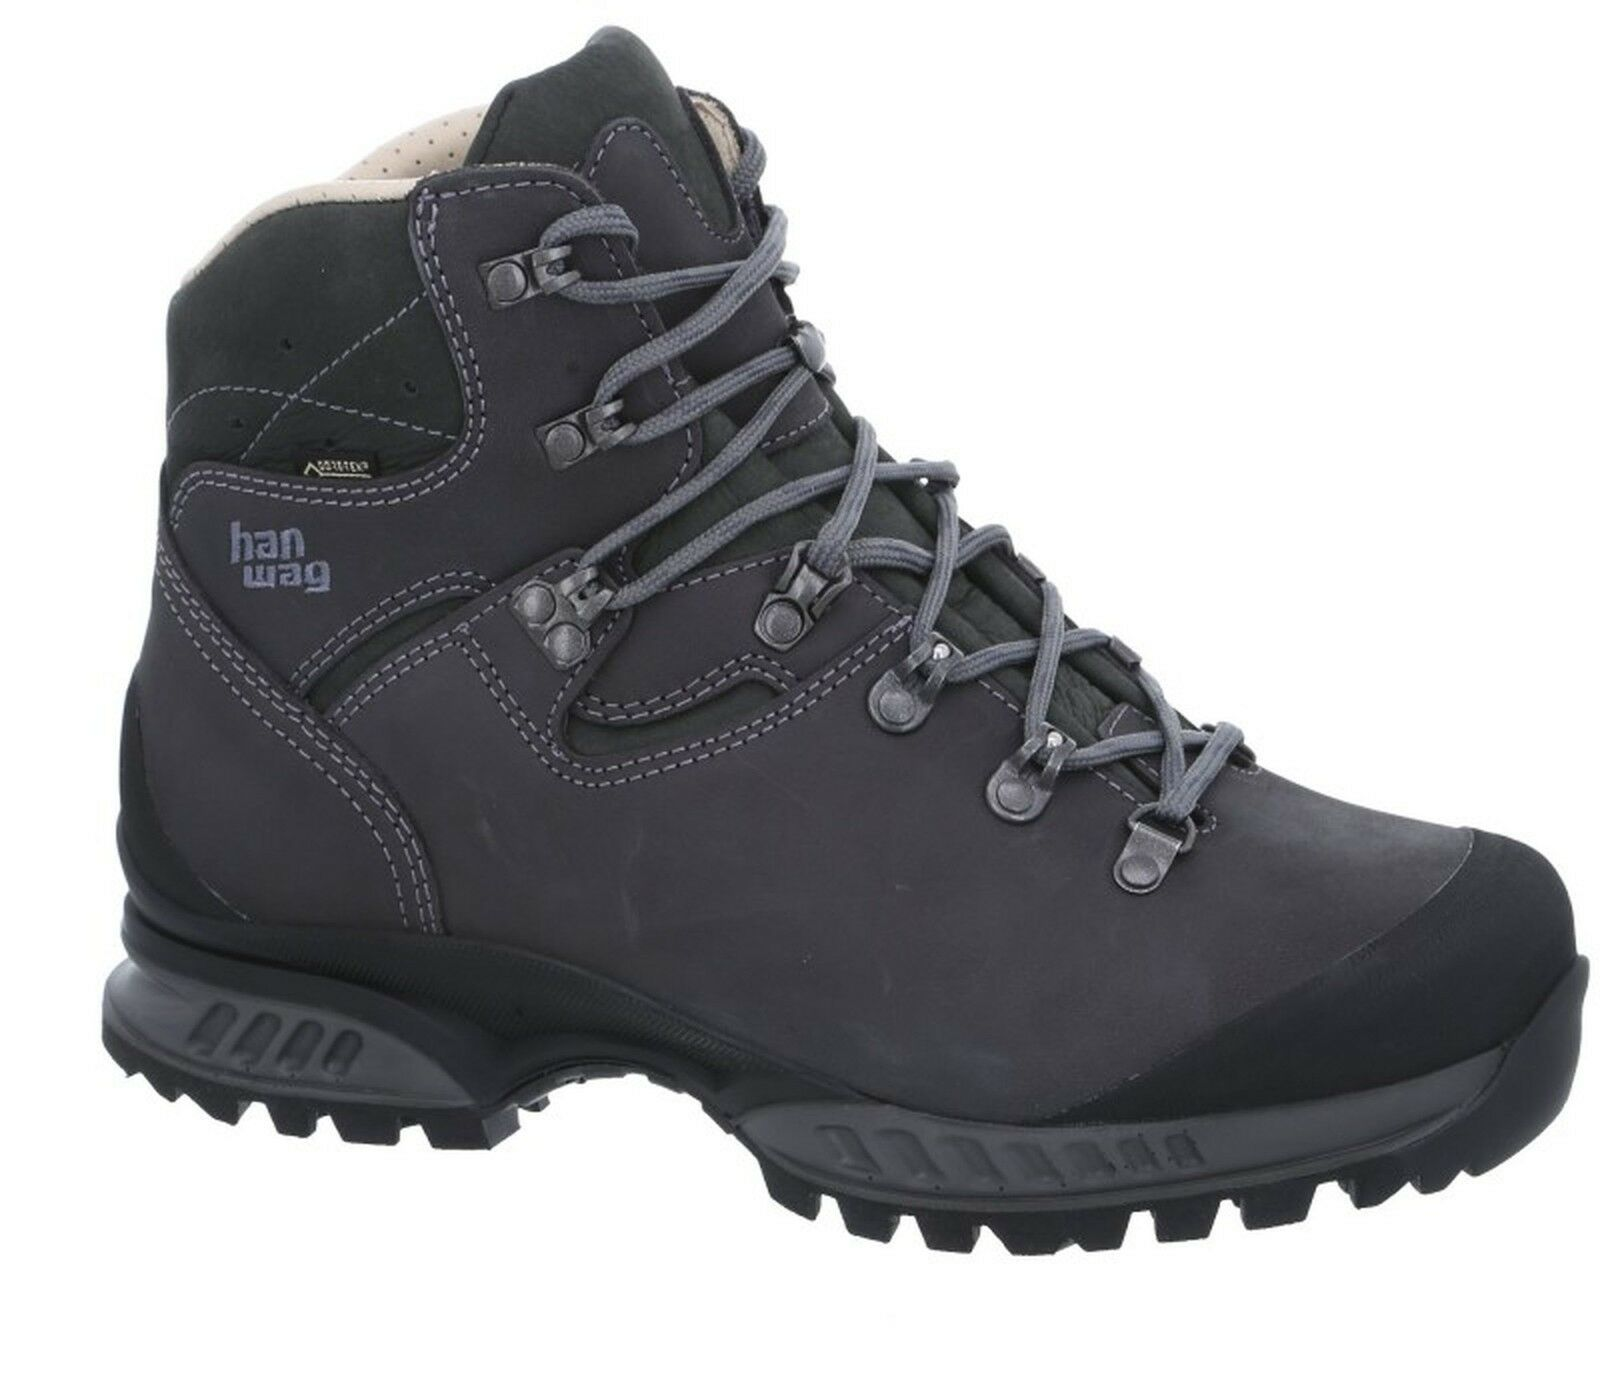 Hanwag montaña zapatos Tatra II GTX tamaño 11,5 - 46,5 asfalto